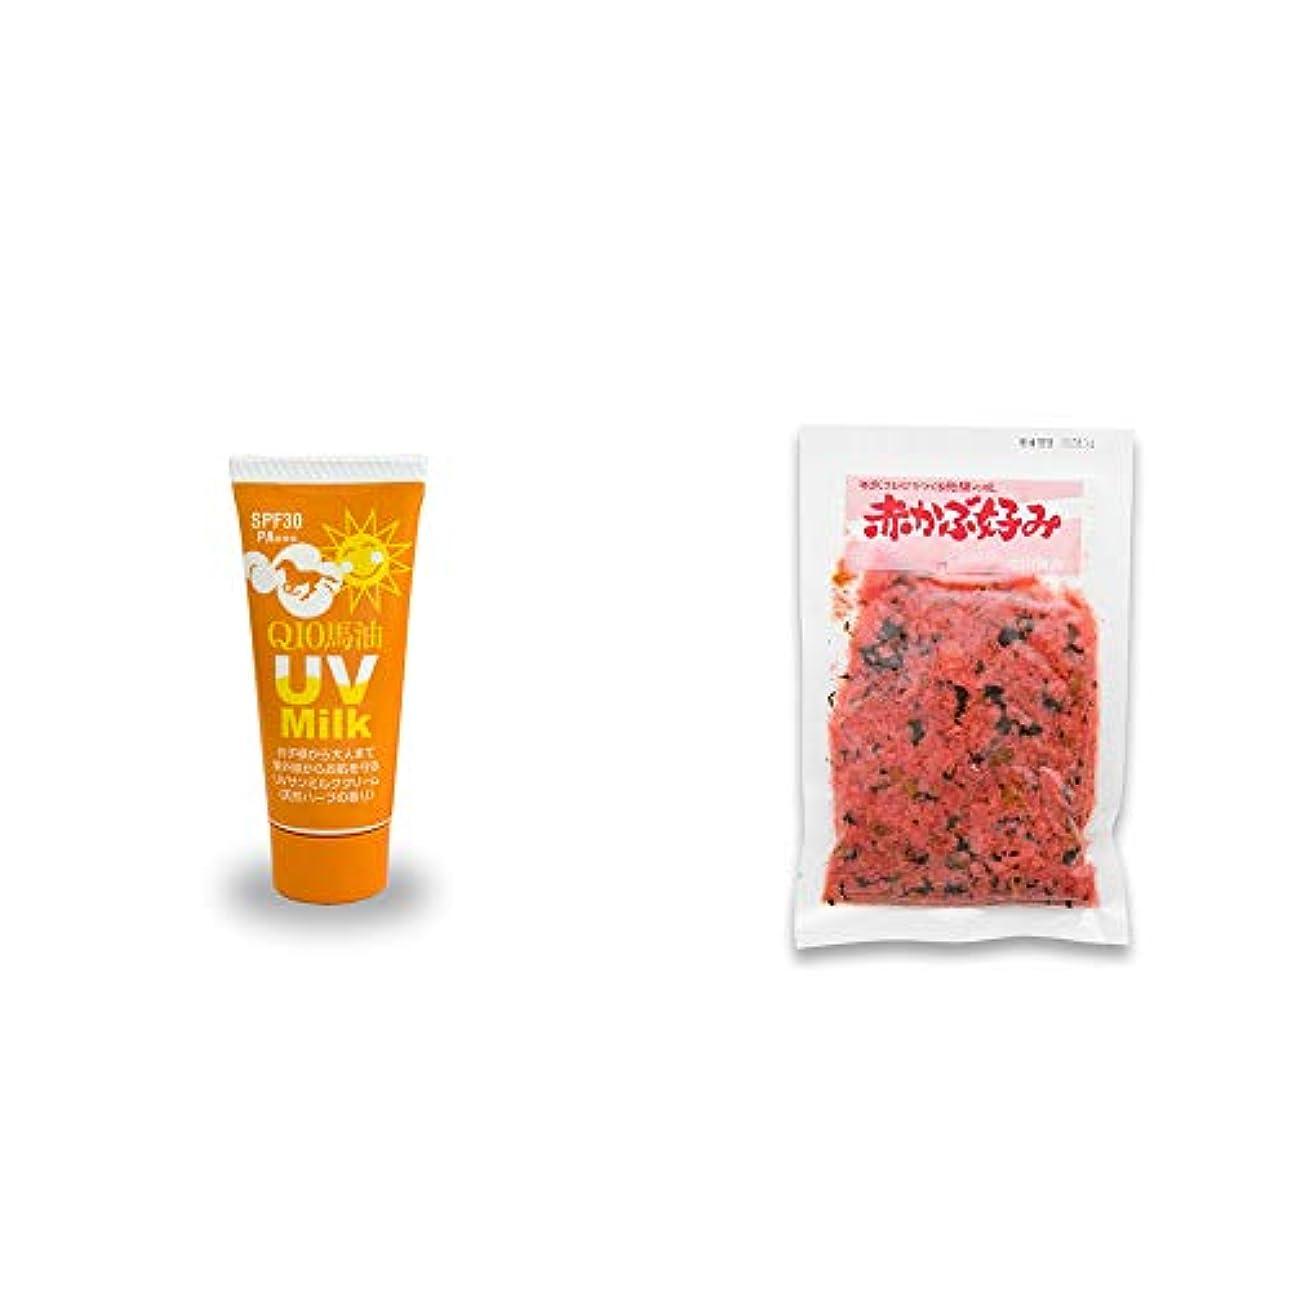 [2点セット] 炭黒泉 Q10馬油 UVサンミルク[天然ハーブ](40g)?赤かぶ好み(150g)